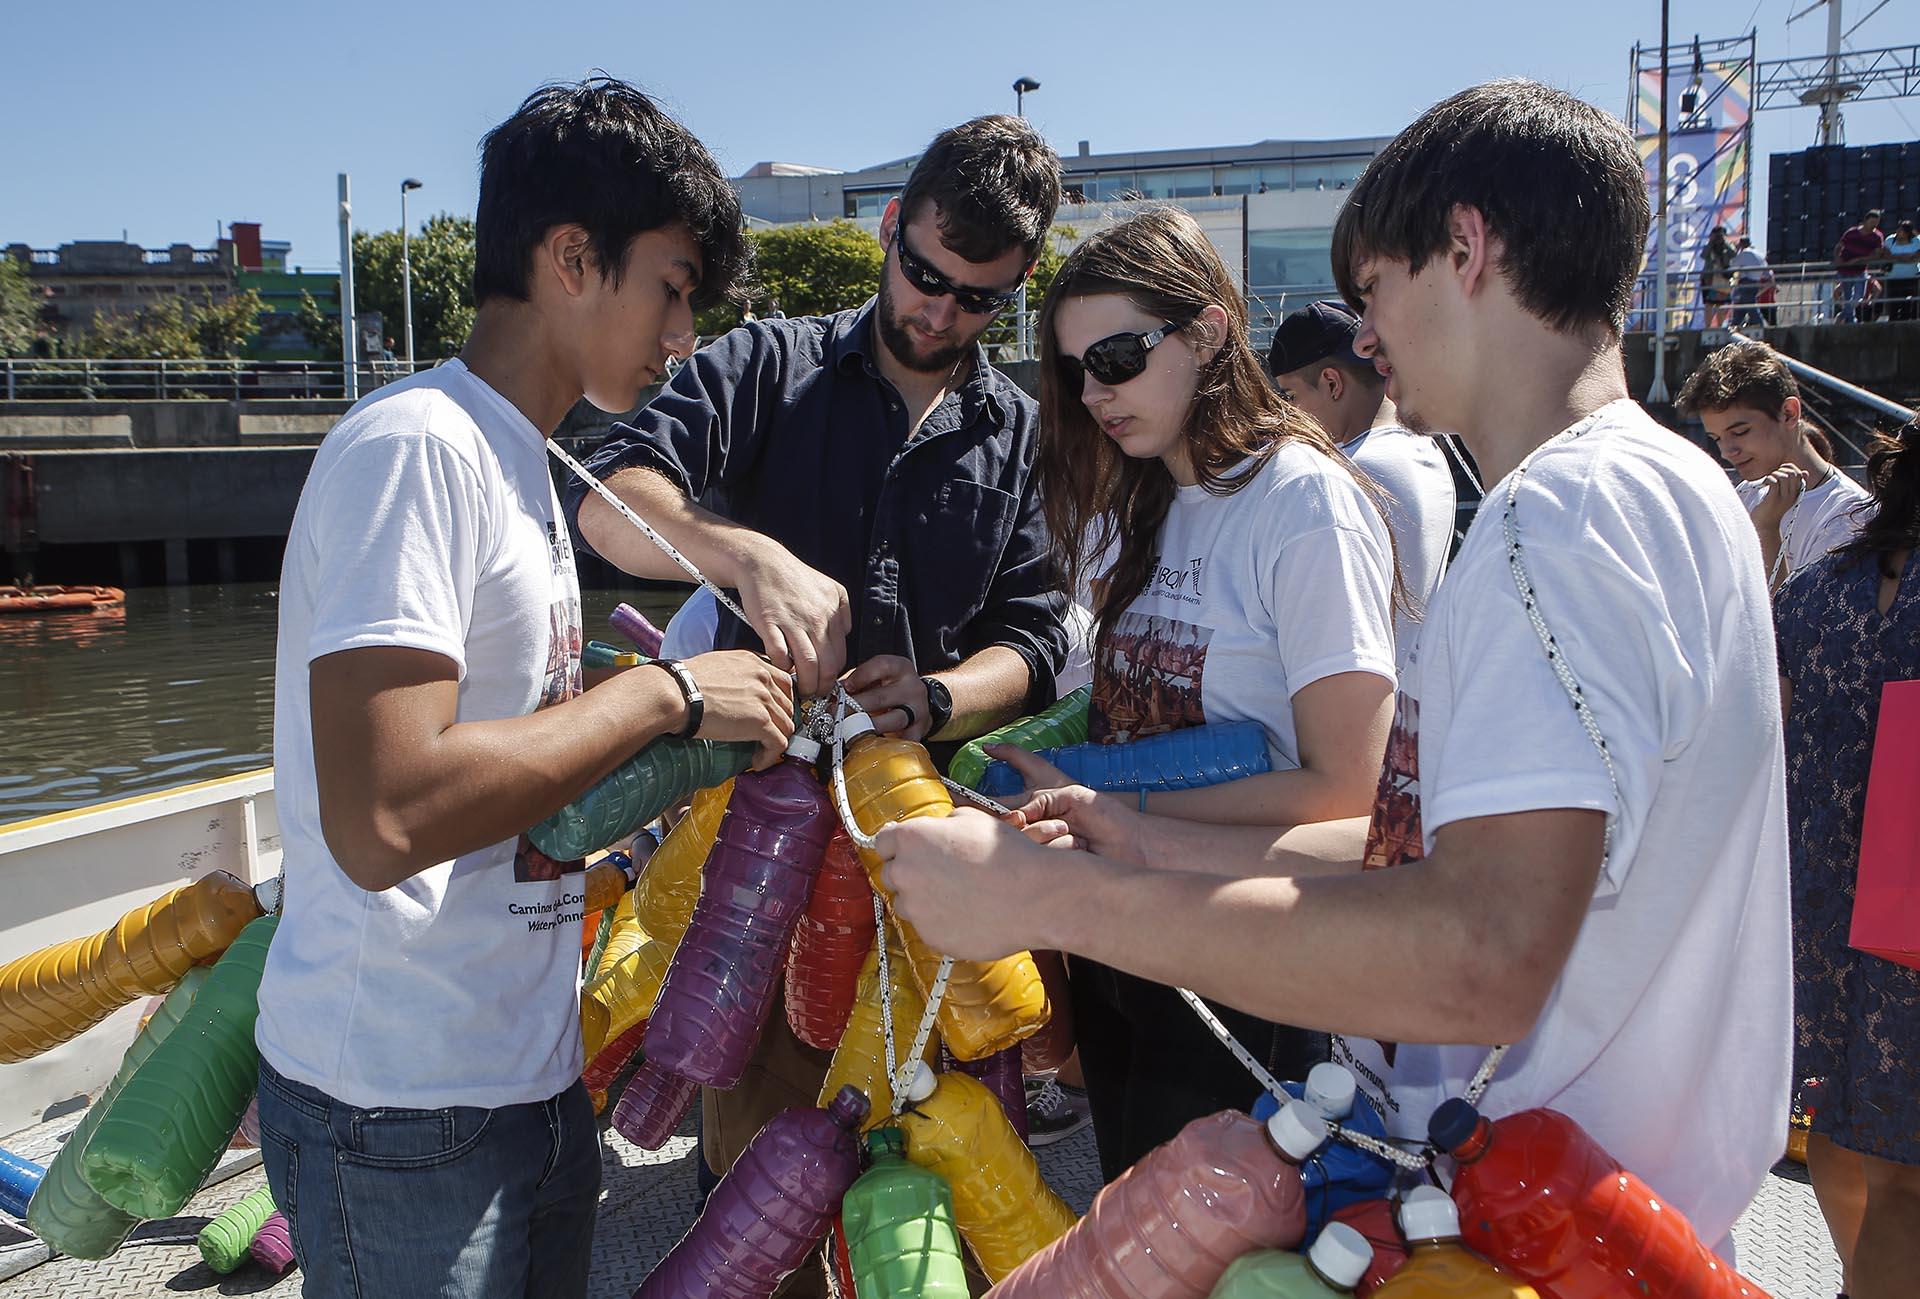 Cubrieron el río de colores con estrellas de colores realizadas con botellas descartables por organizaciones e instituciones educativas y sociales preocupadas por la protección del Riachuelo